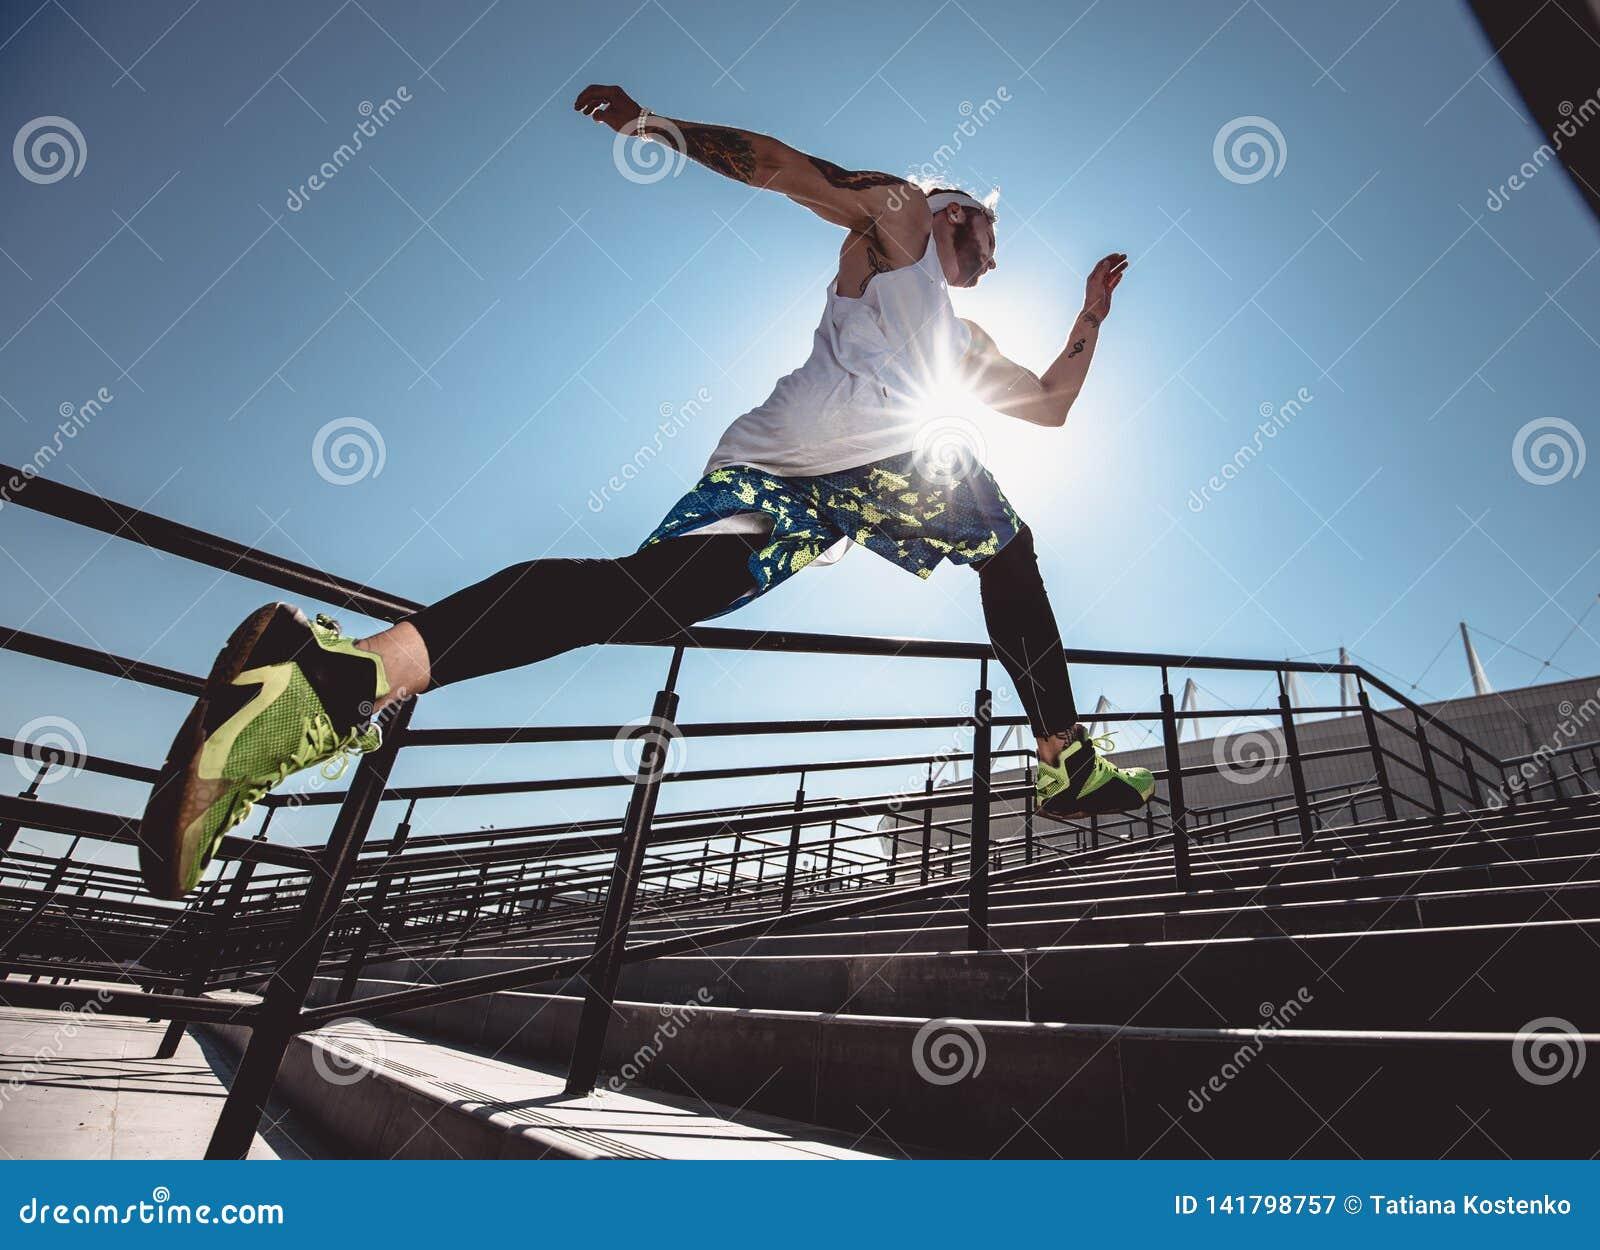 Homem muscular novo considerável na corrida moderna da roupa do esporte acima das escadas exteriores no dia ensolarado brilhante